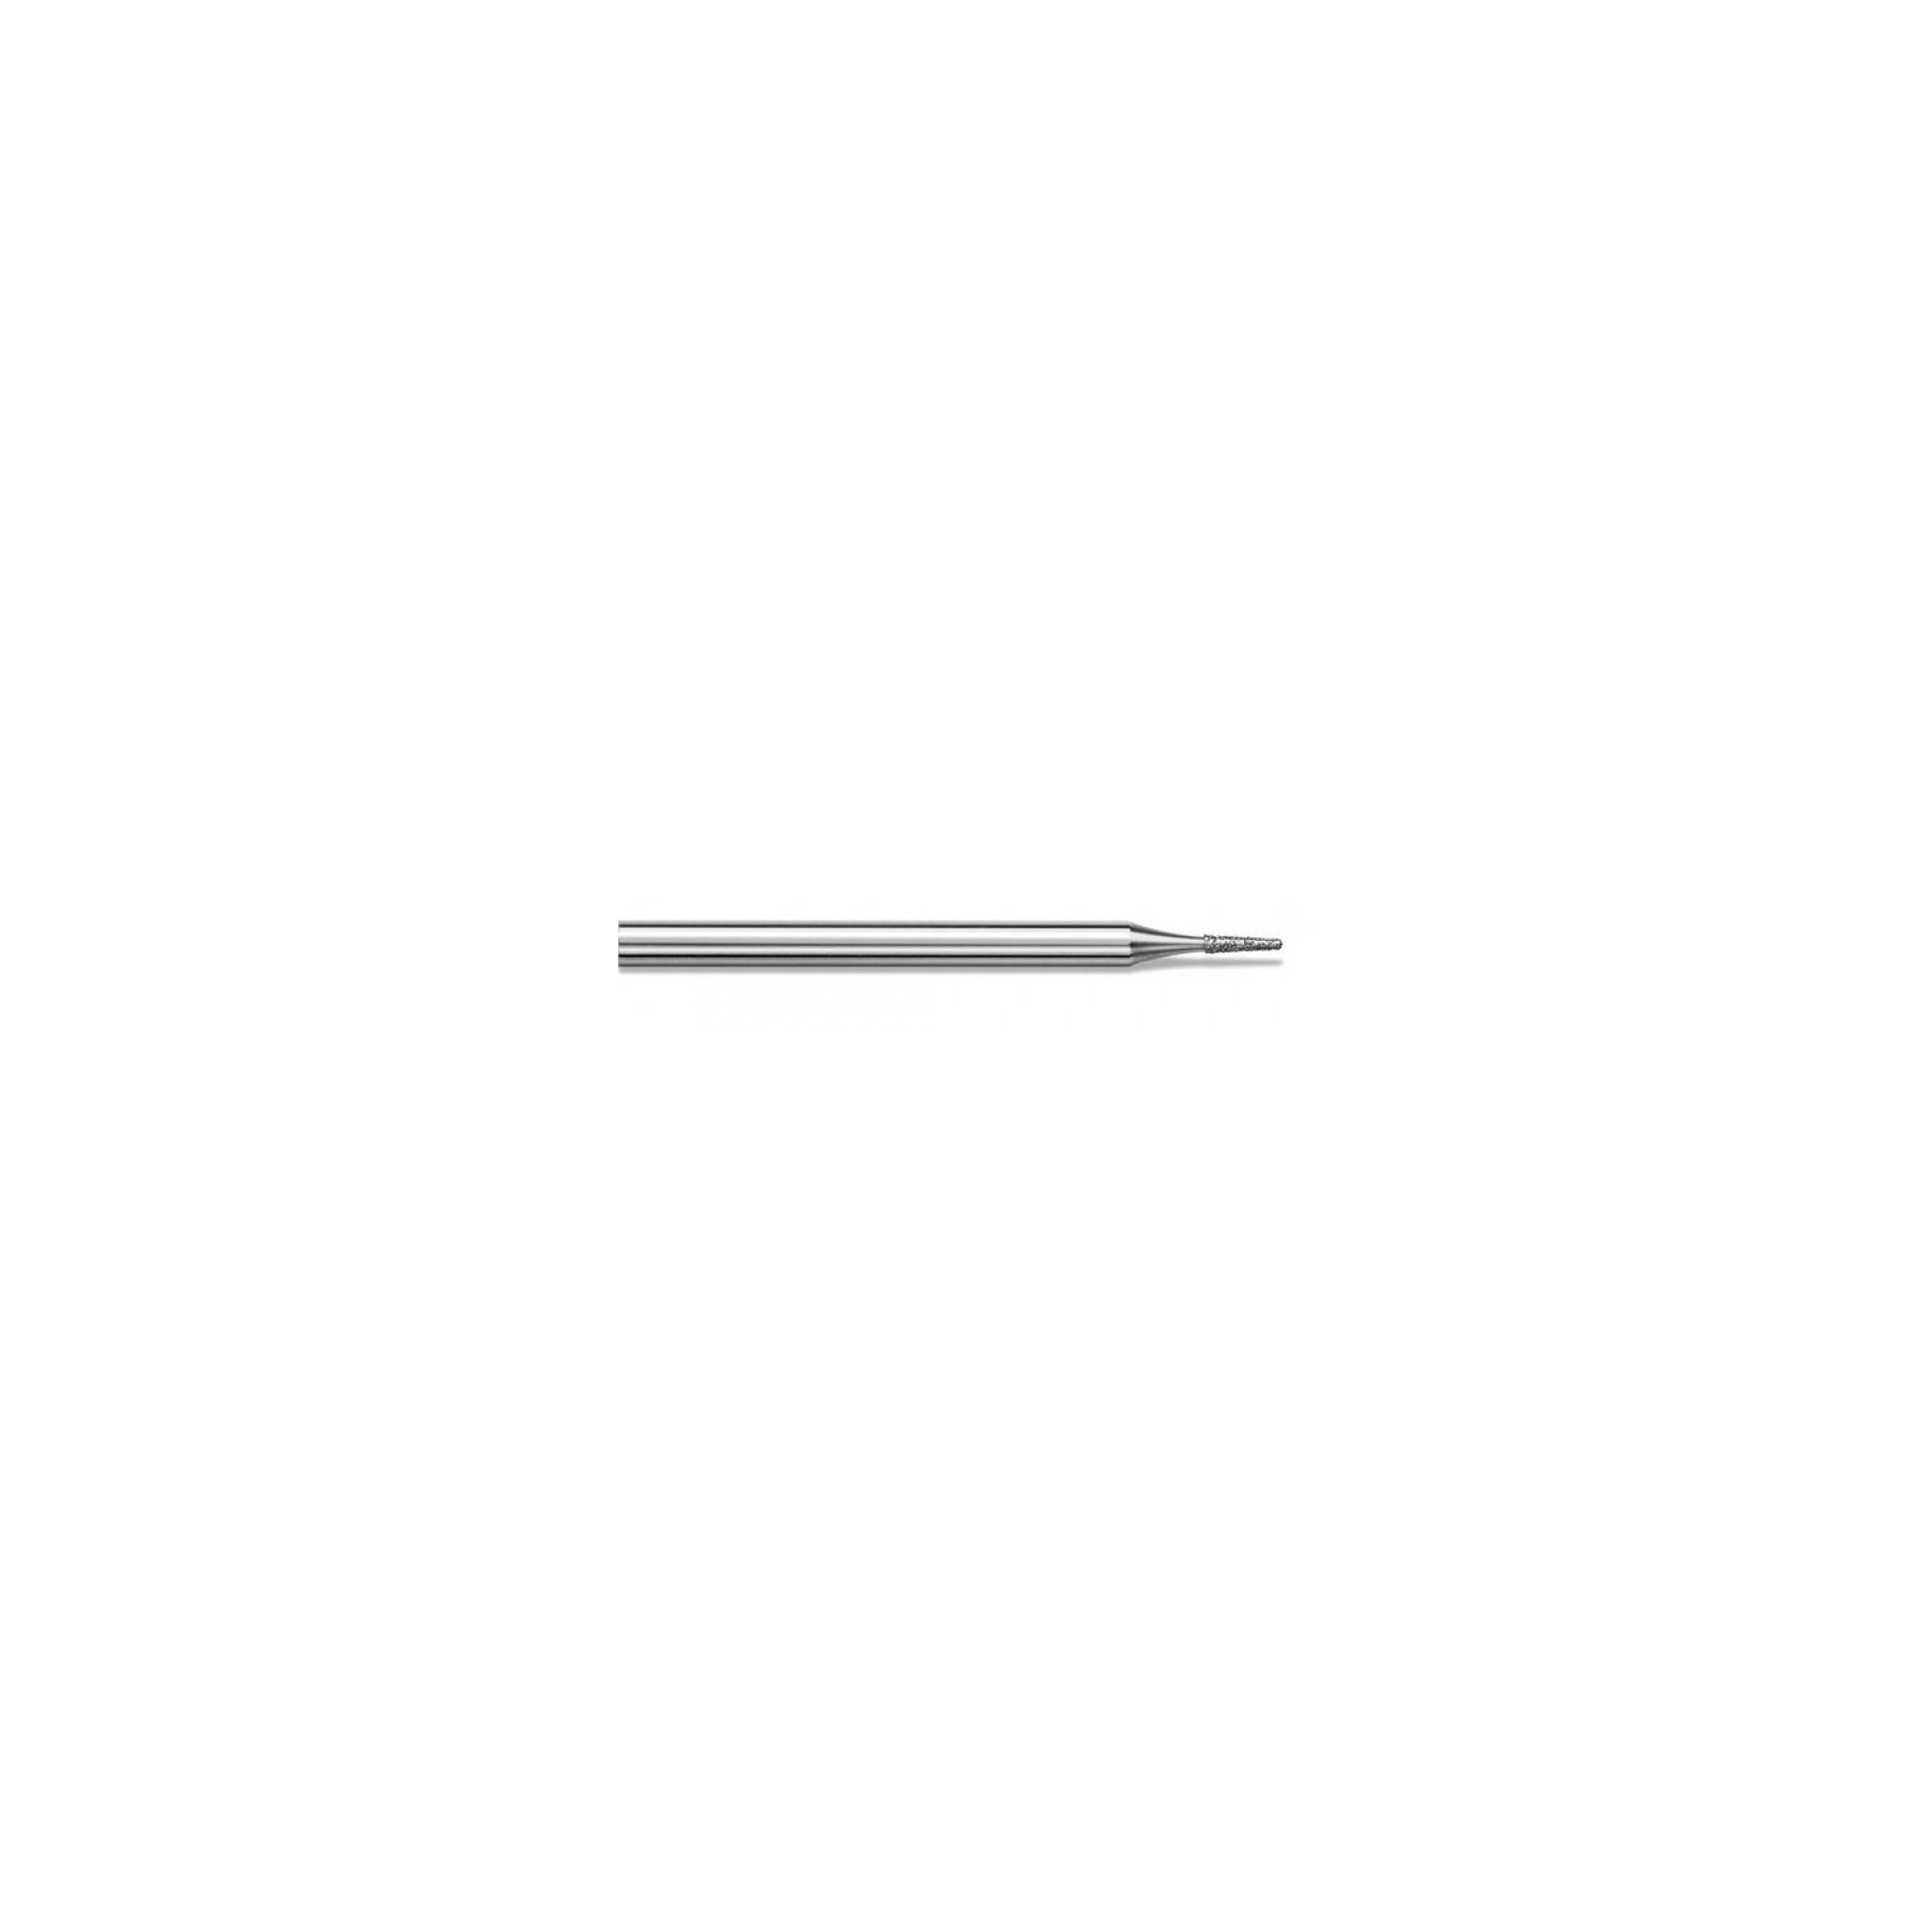 Fraise diamantée standard - Lissage des ongles et des callosités - Grain moyen - Pack de 2 fraises - ø1mm